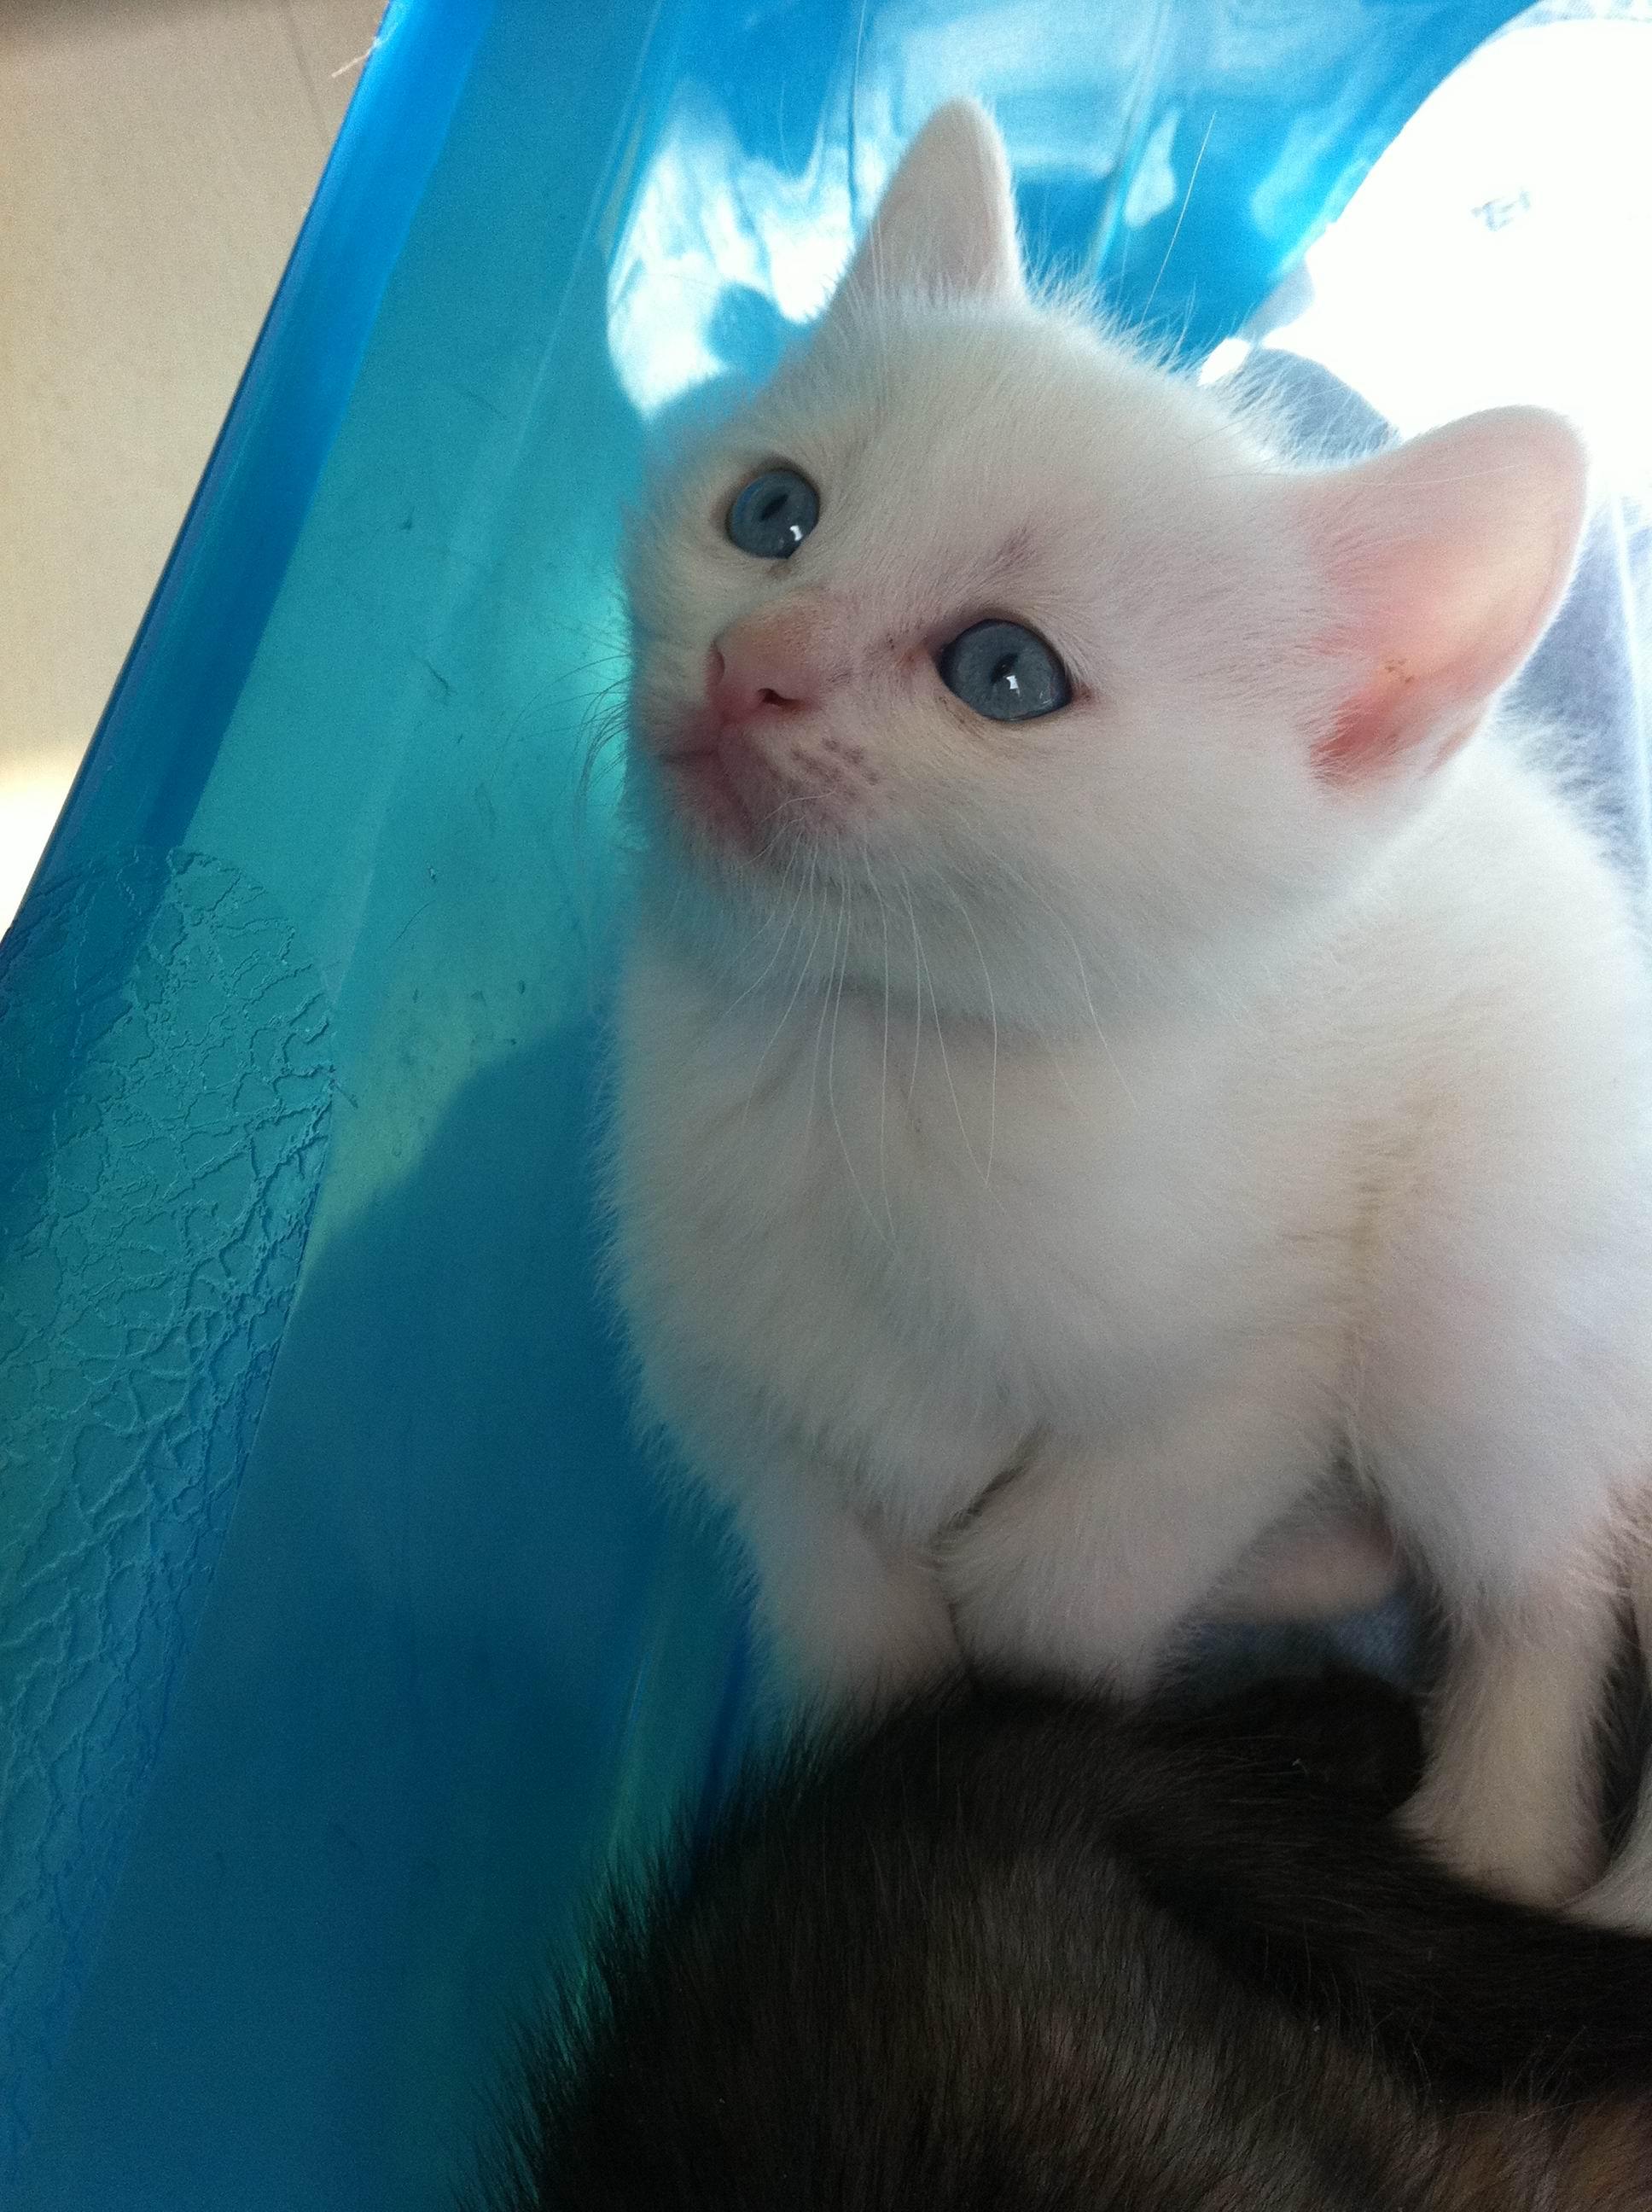 两个月的猫咪寻领养,一只黑(是黑狸),一只白猫,都很漂亮亲人.